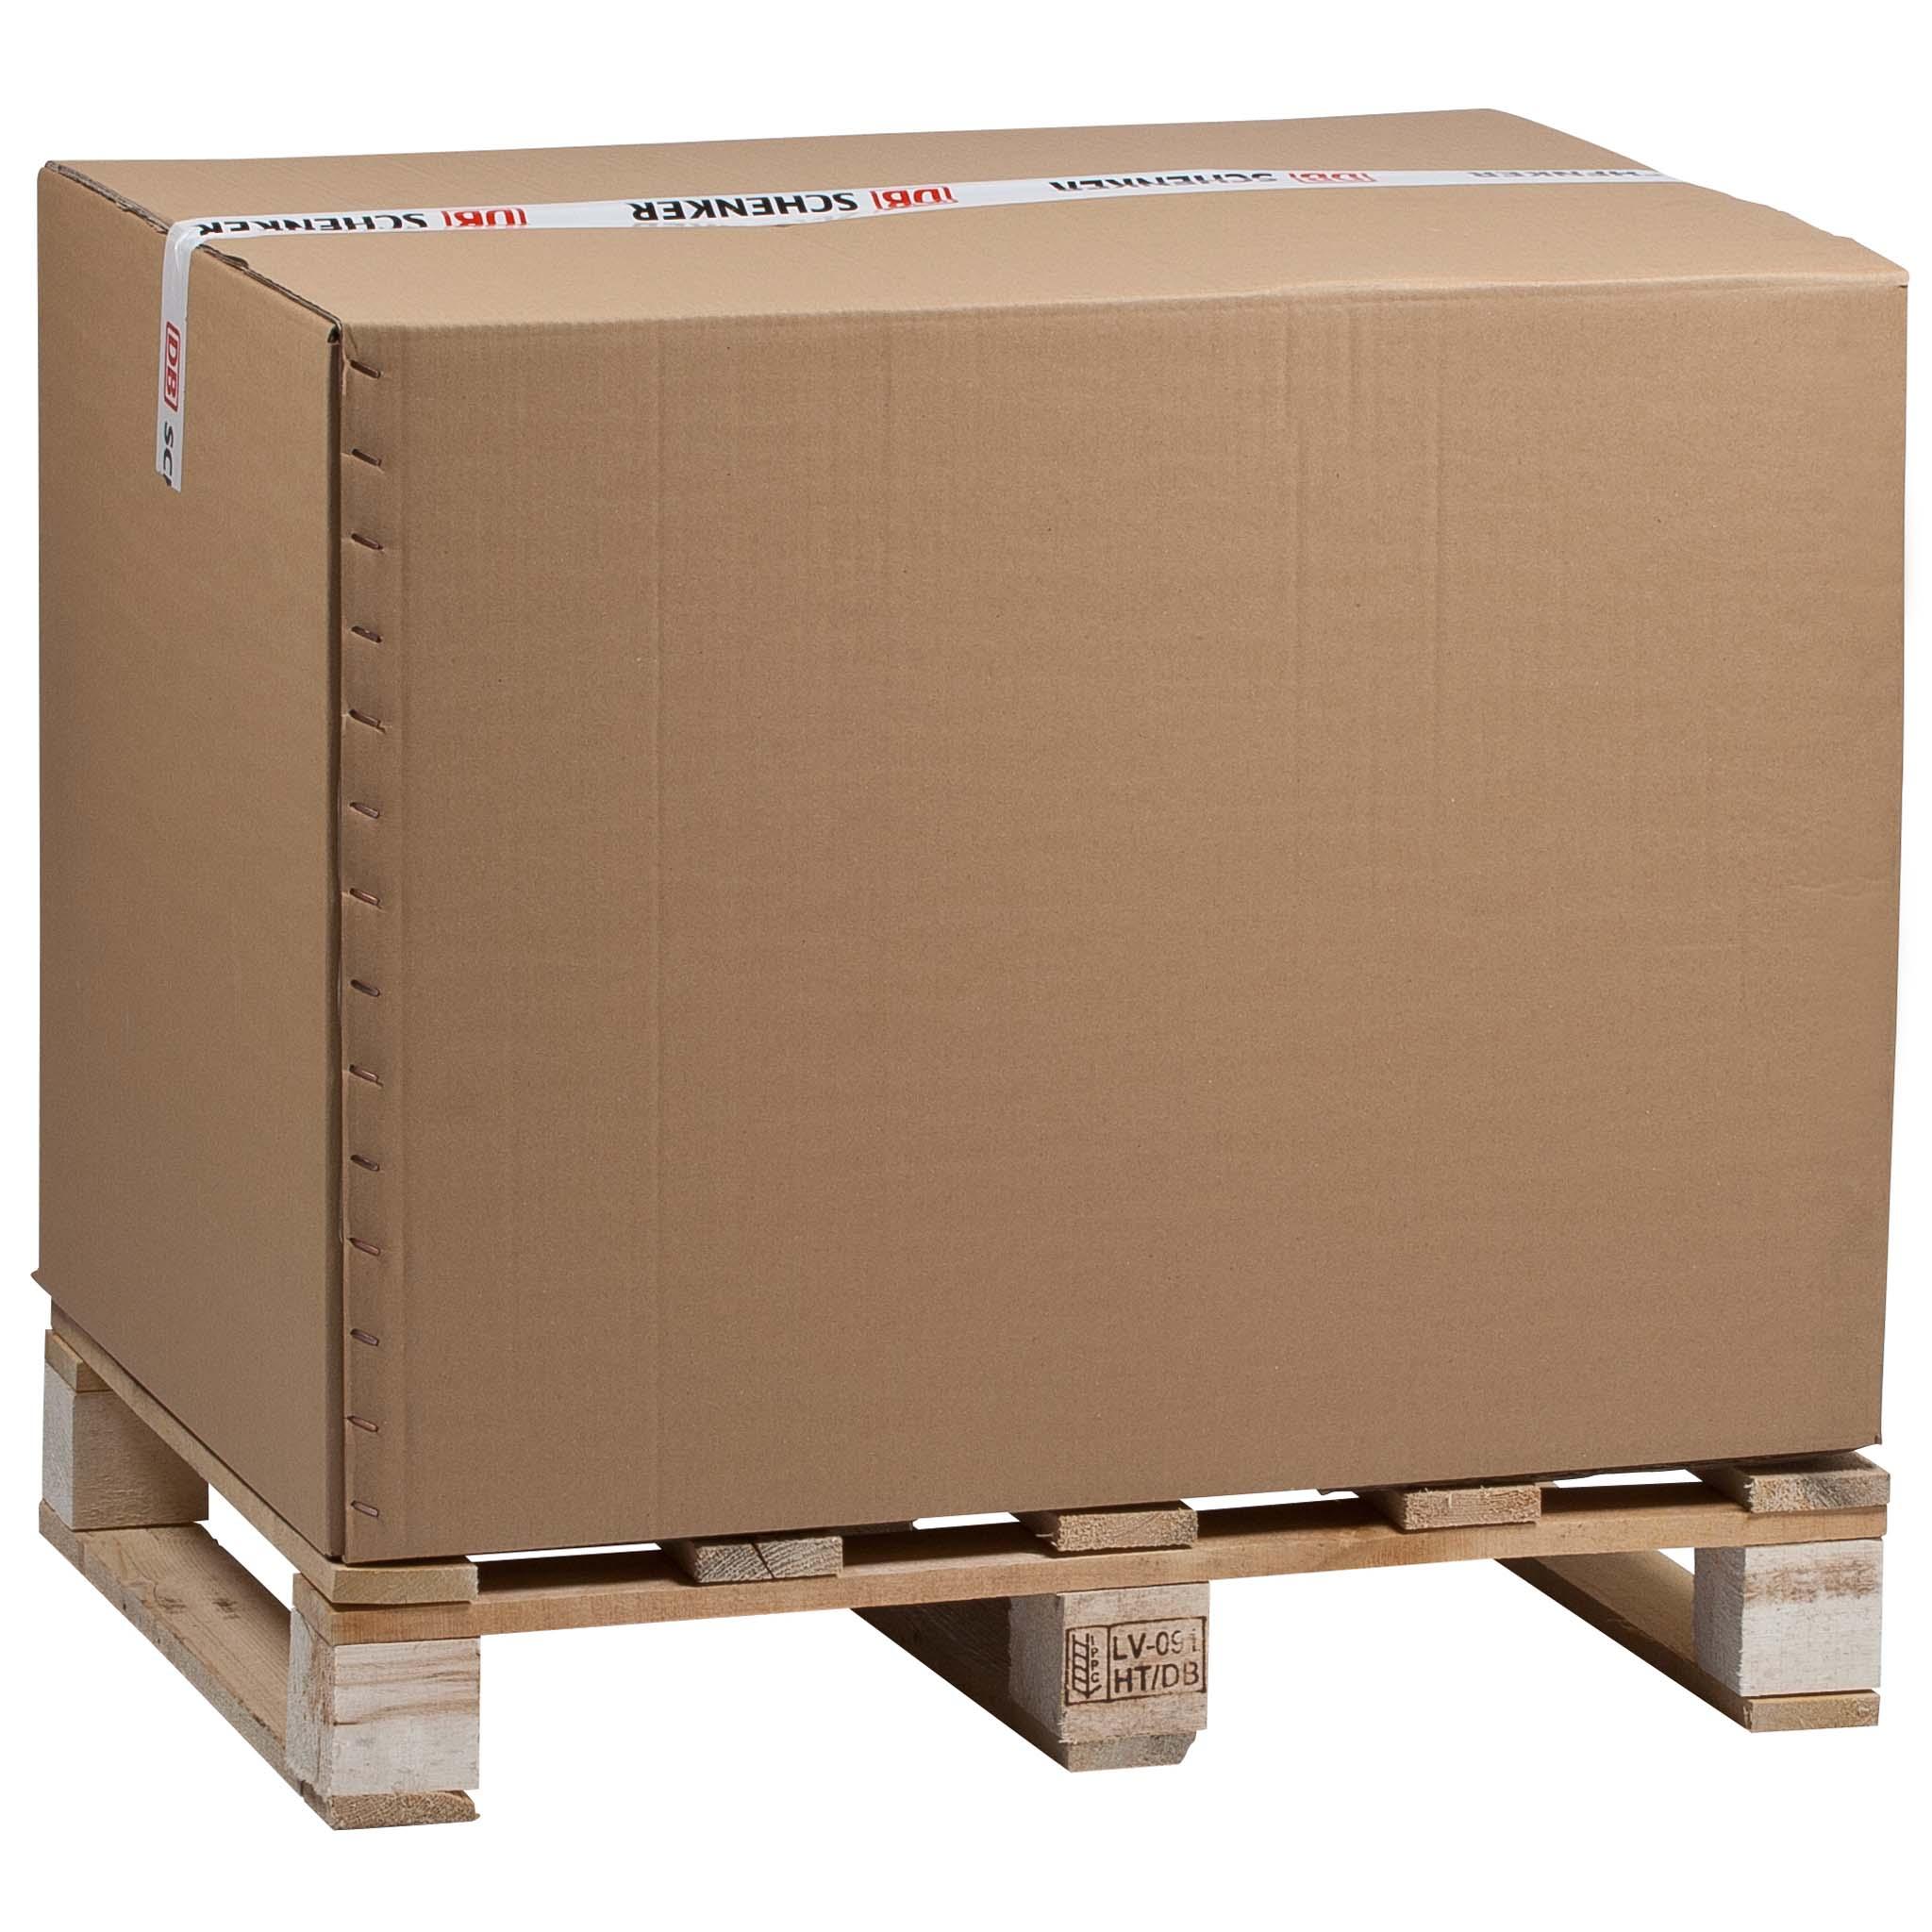 Palettenkarton Innenmaß 1.180 x 780 x 550 mm